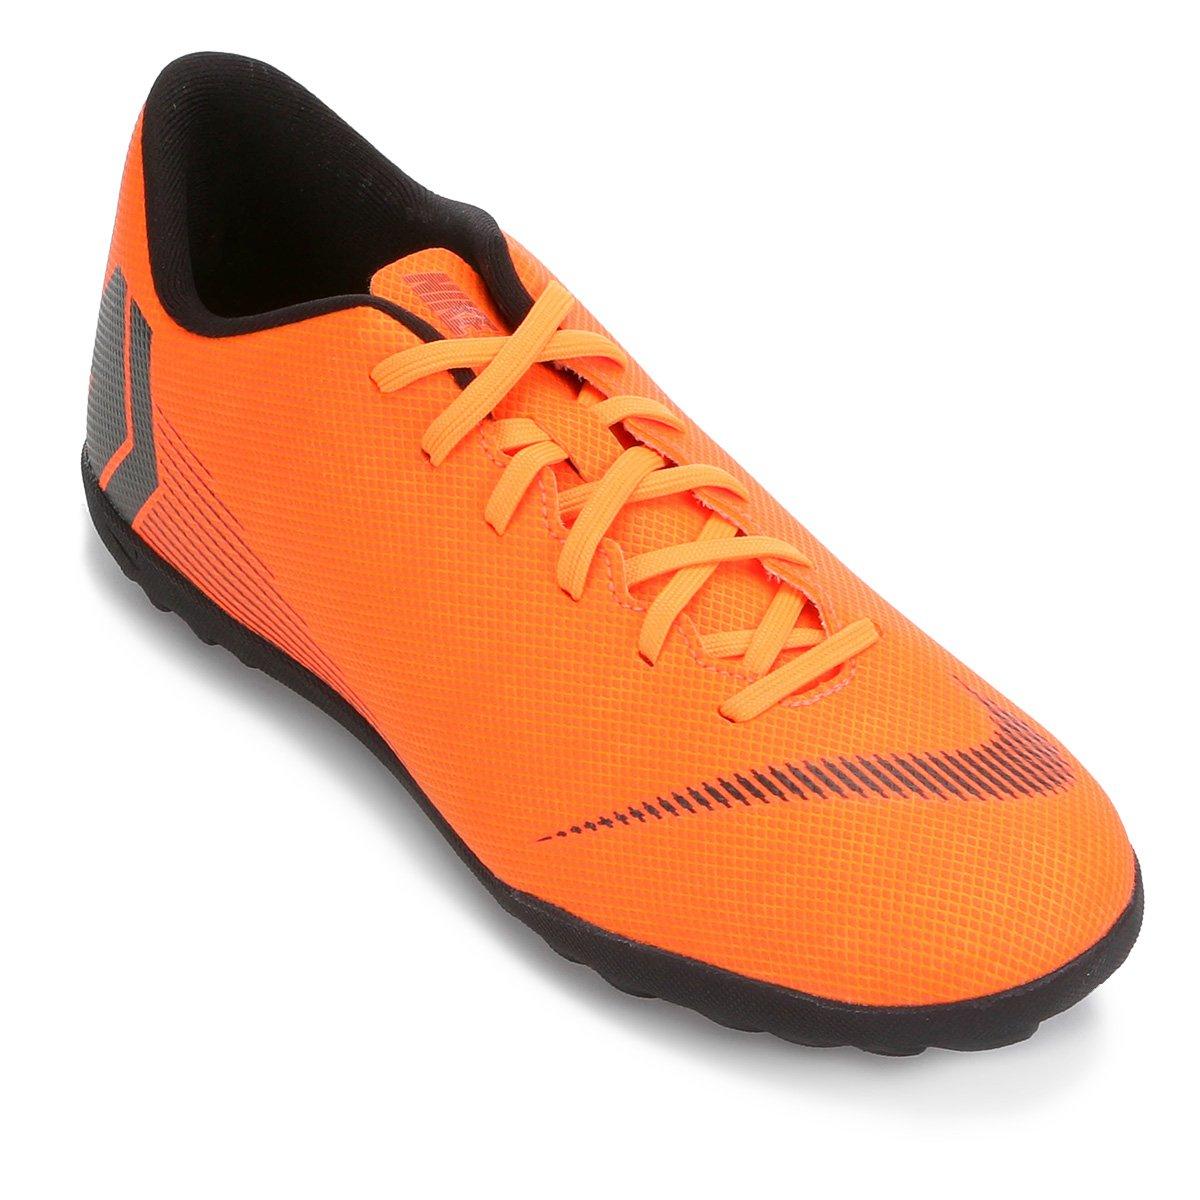 c49b6c6fc027d Chuteira Society Nike Mercurial Vapor 12 Club - Laranja e Preto - Compre  Agora